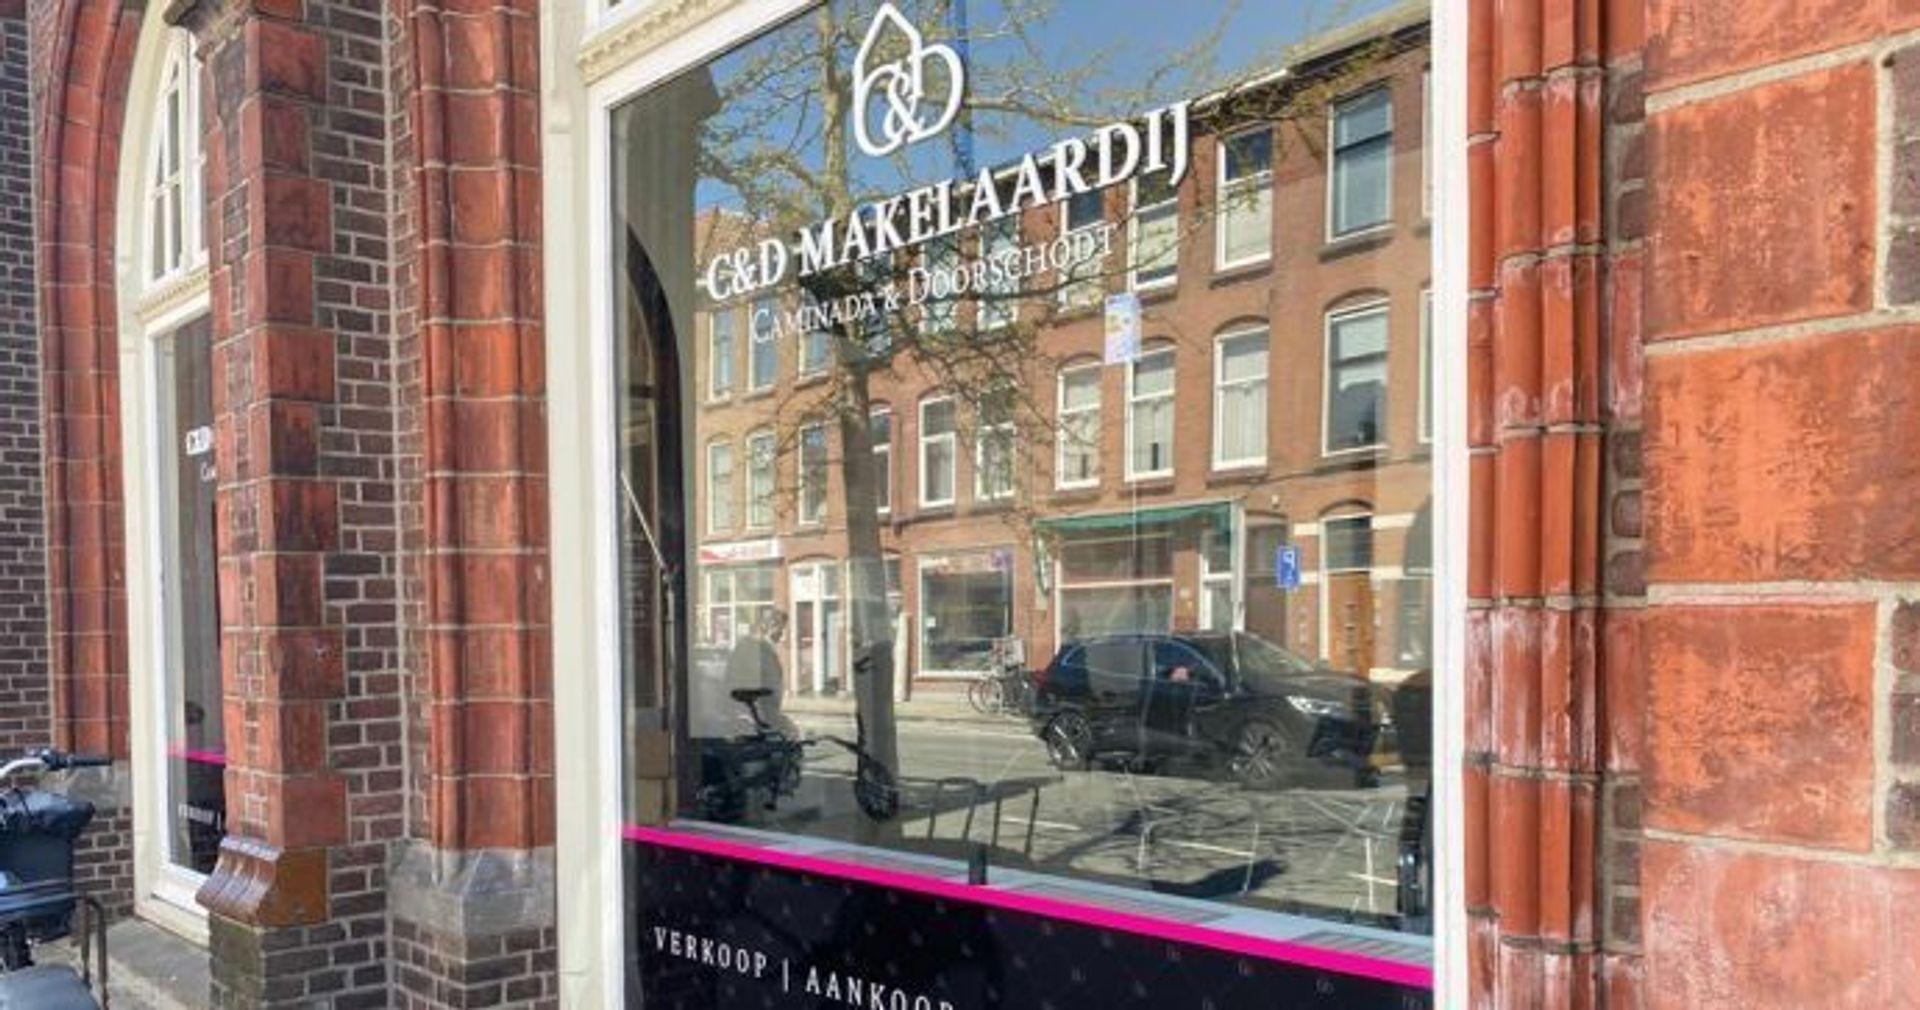 C&D Makelaardij Den Haag